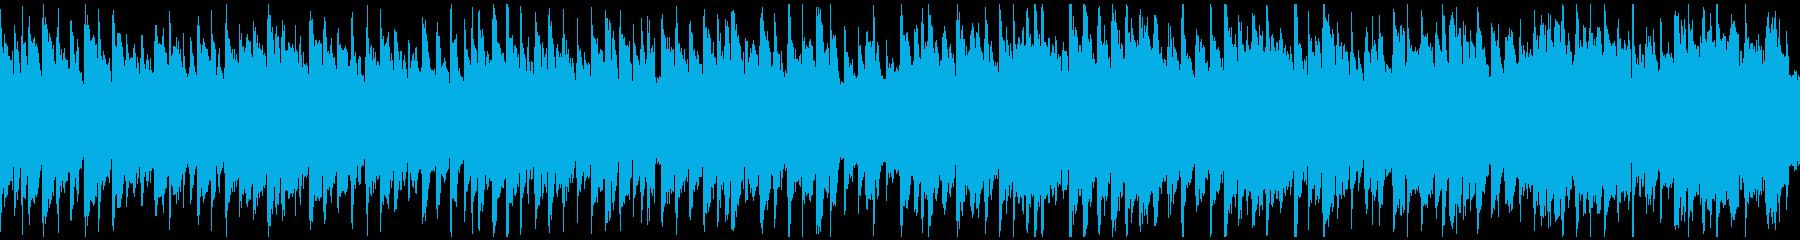 黄昏、オルガンとリコーダー ※ループ版の再生済みの波形